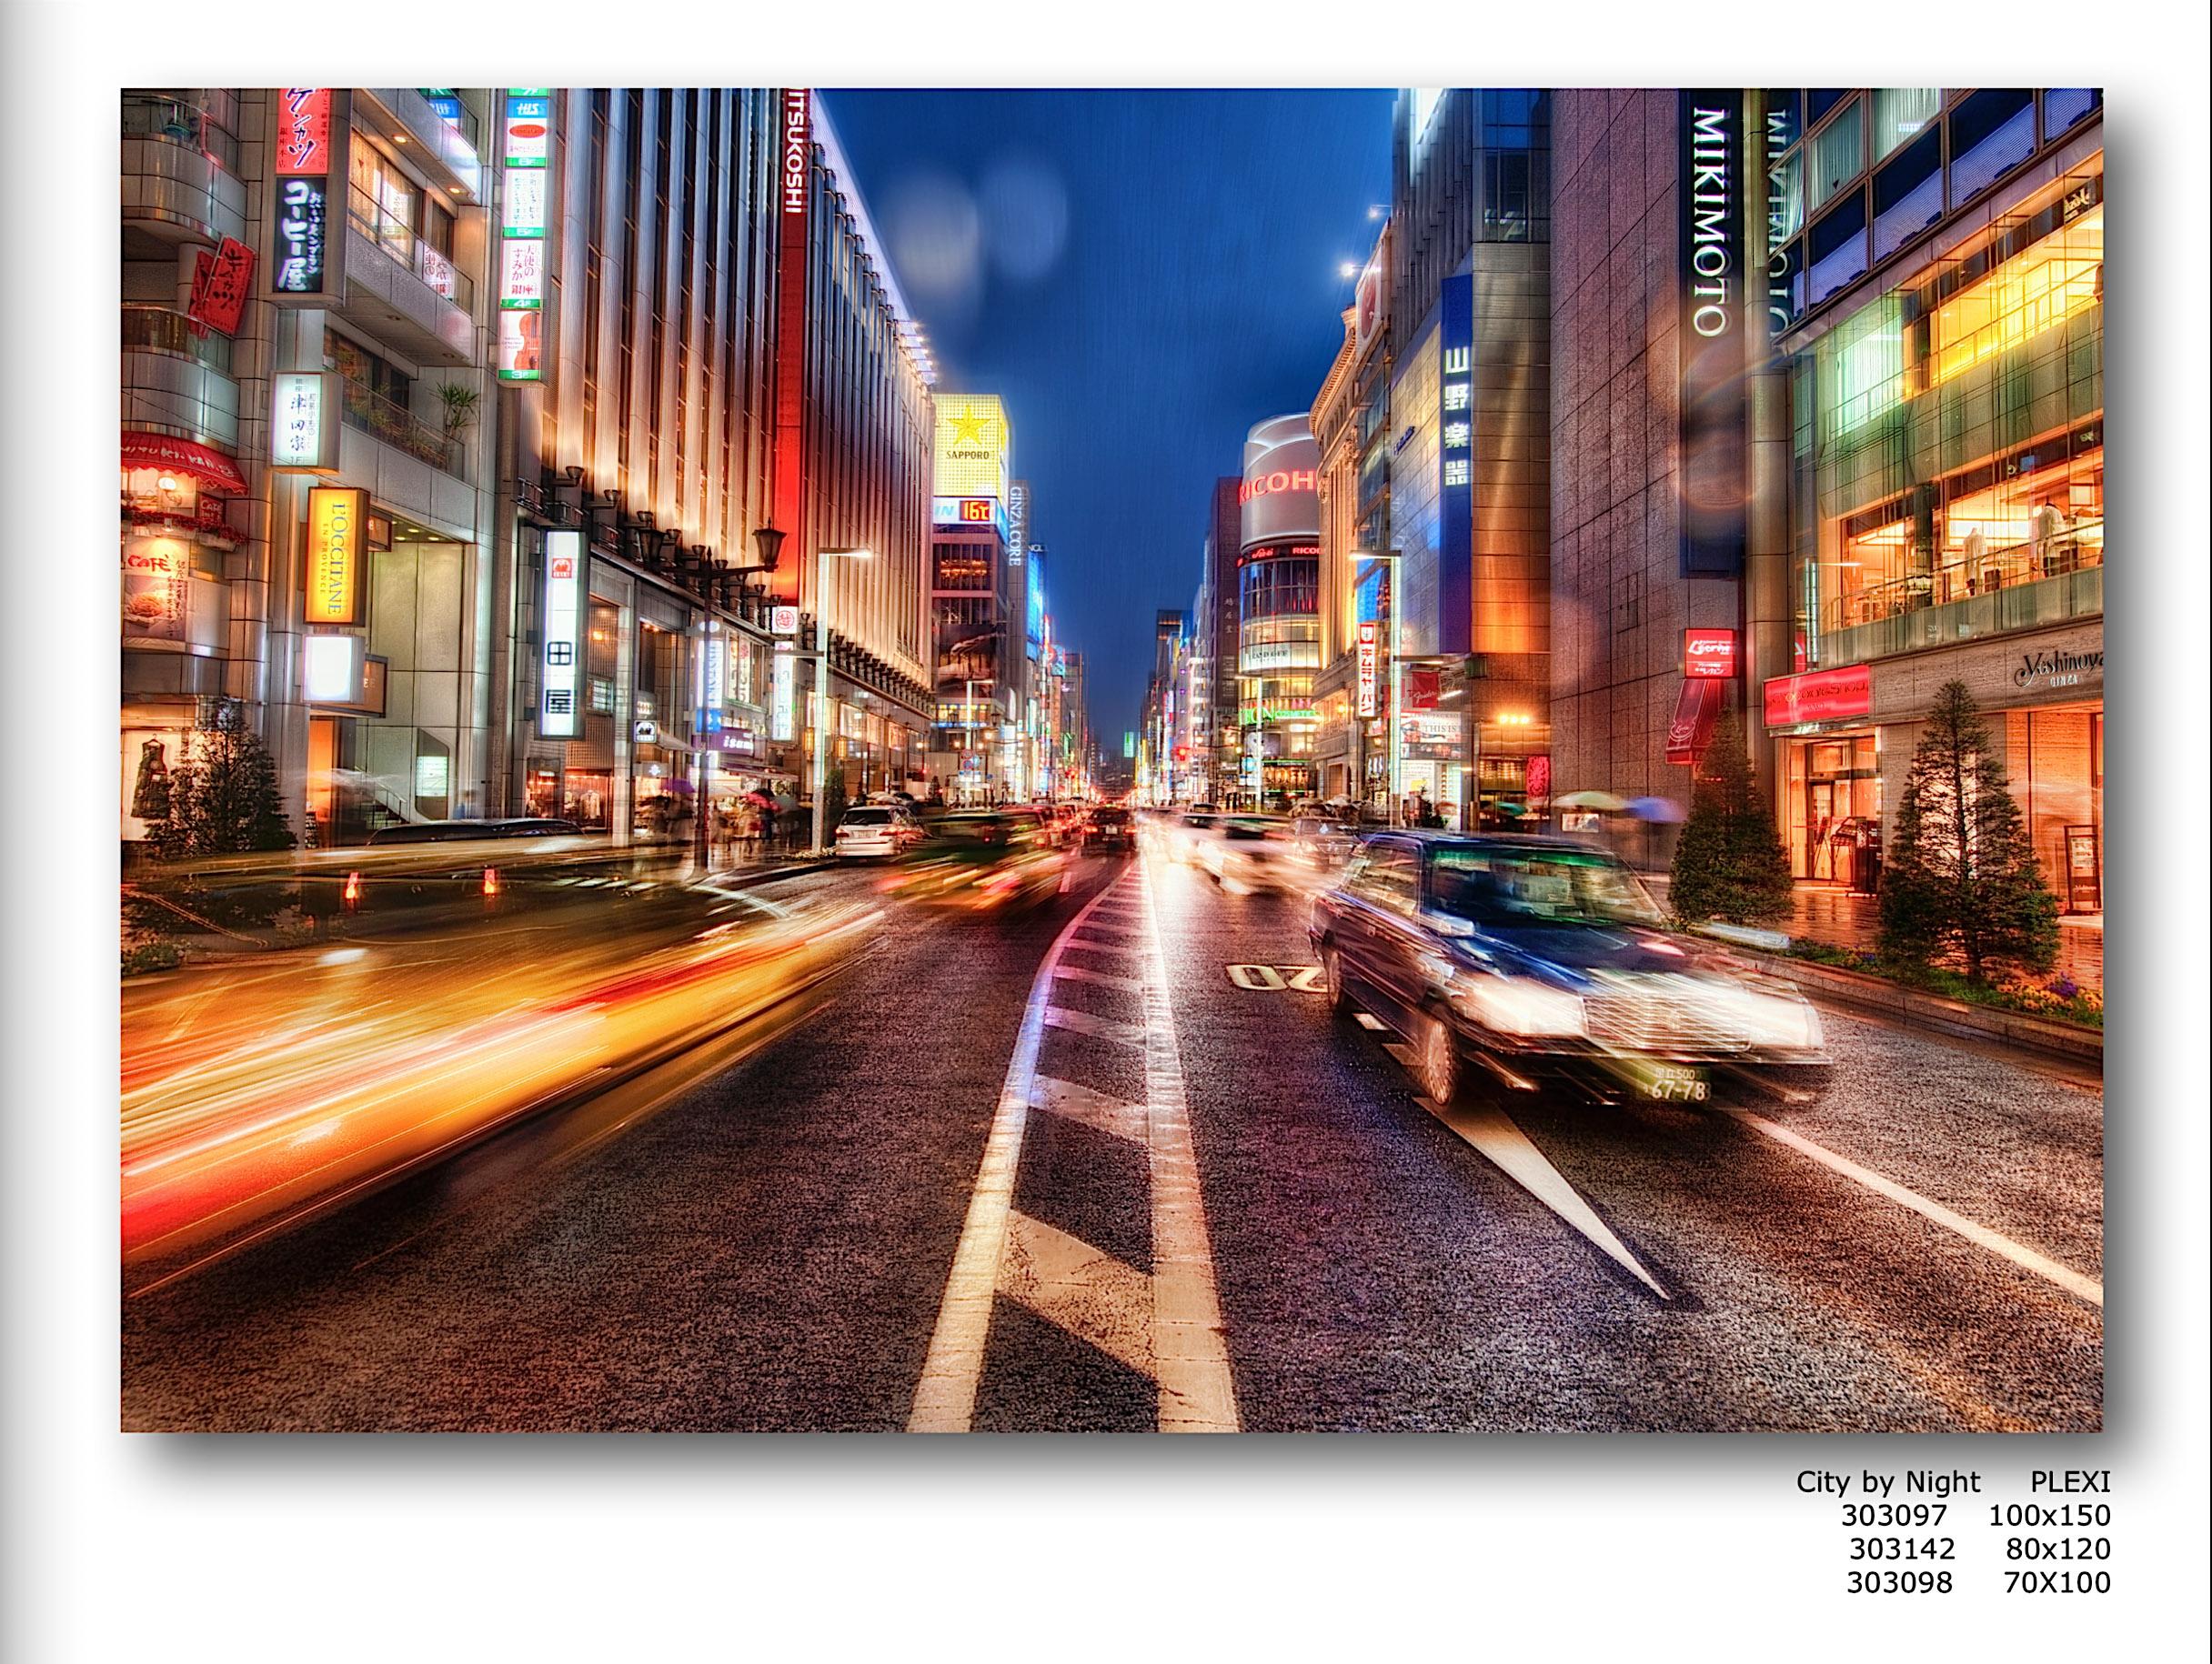 Schermafbeelding 2015-10-01 om 14.55.28 copy.jpg